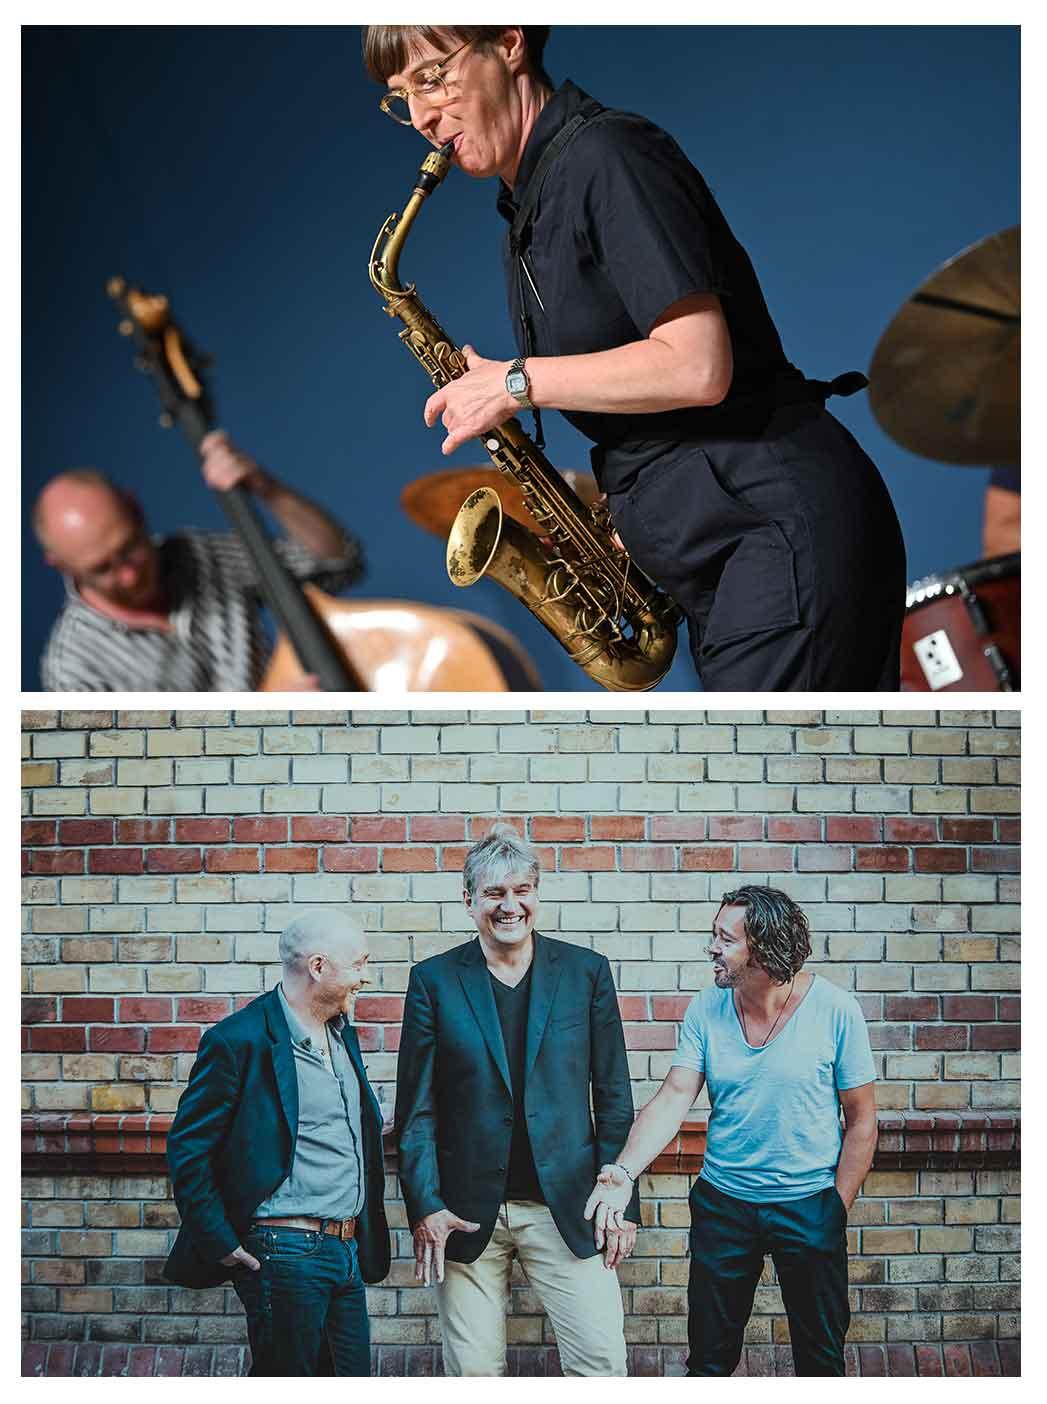 Hans Lüdemann, Sebastien Boisseau, Dejan Terzic, Silke Eberhard, LOFT, Rism Festival